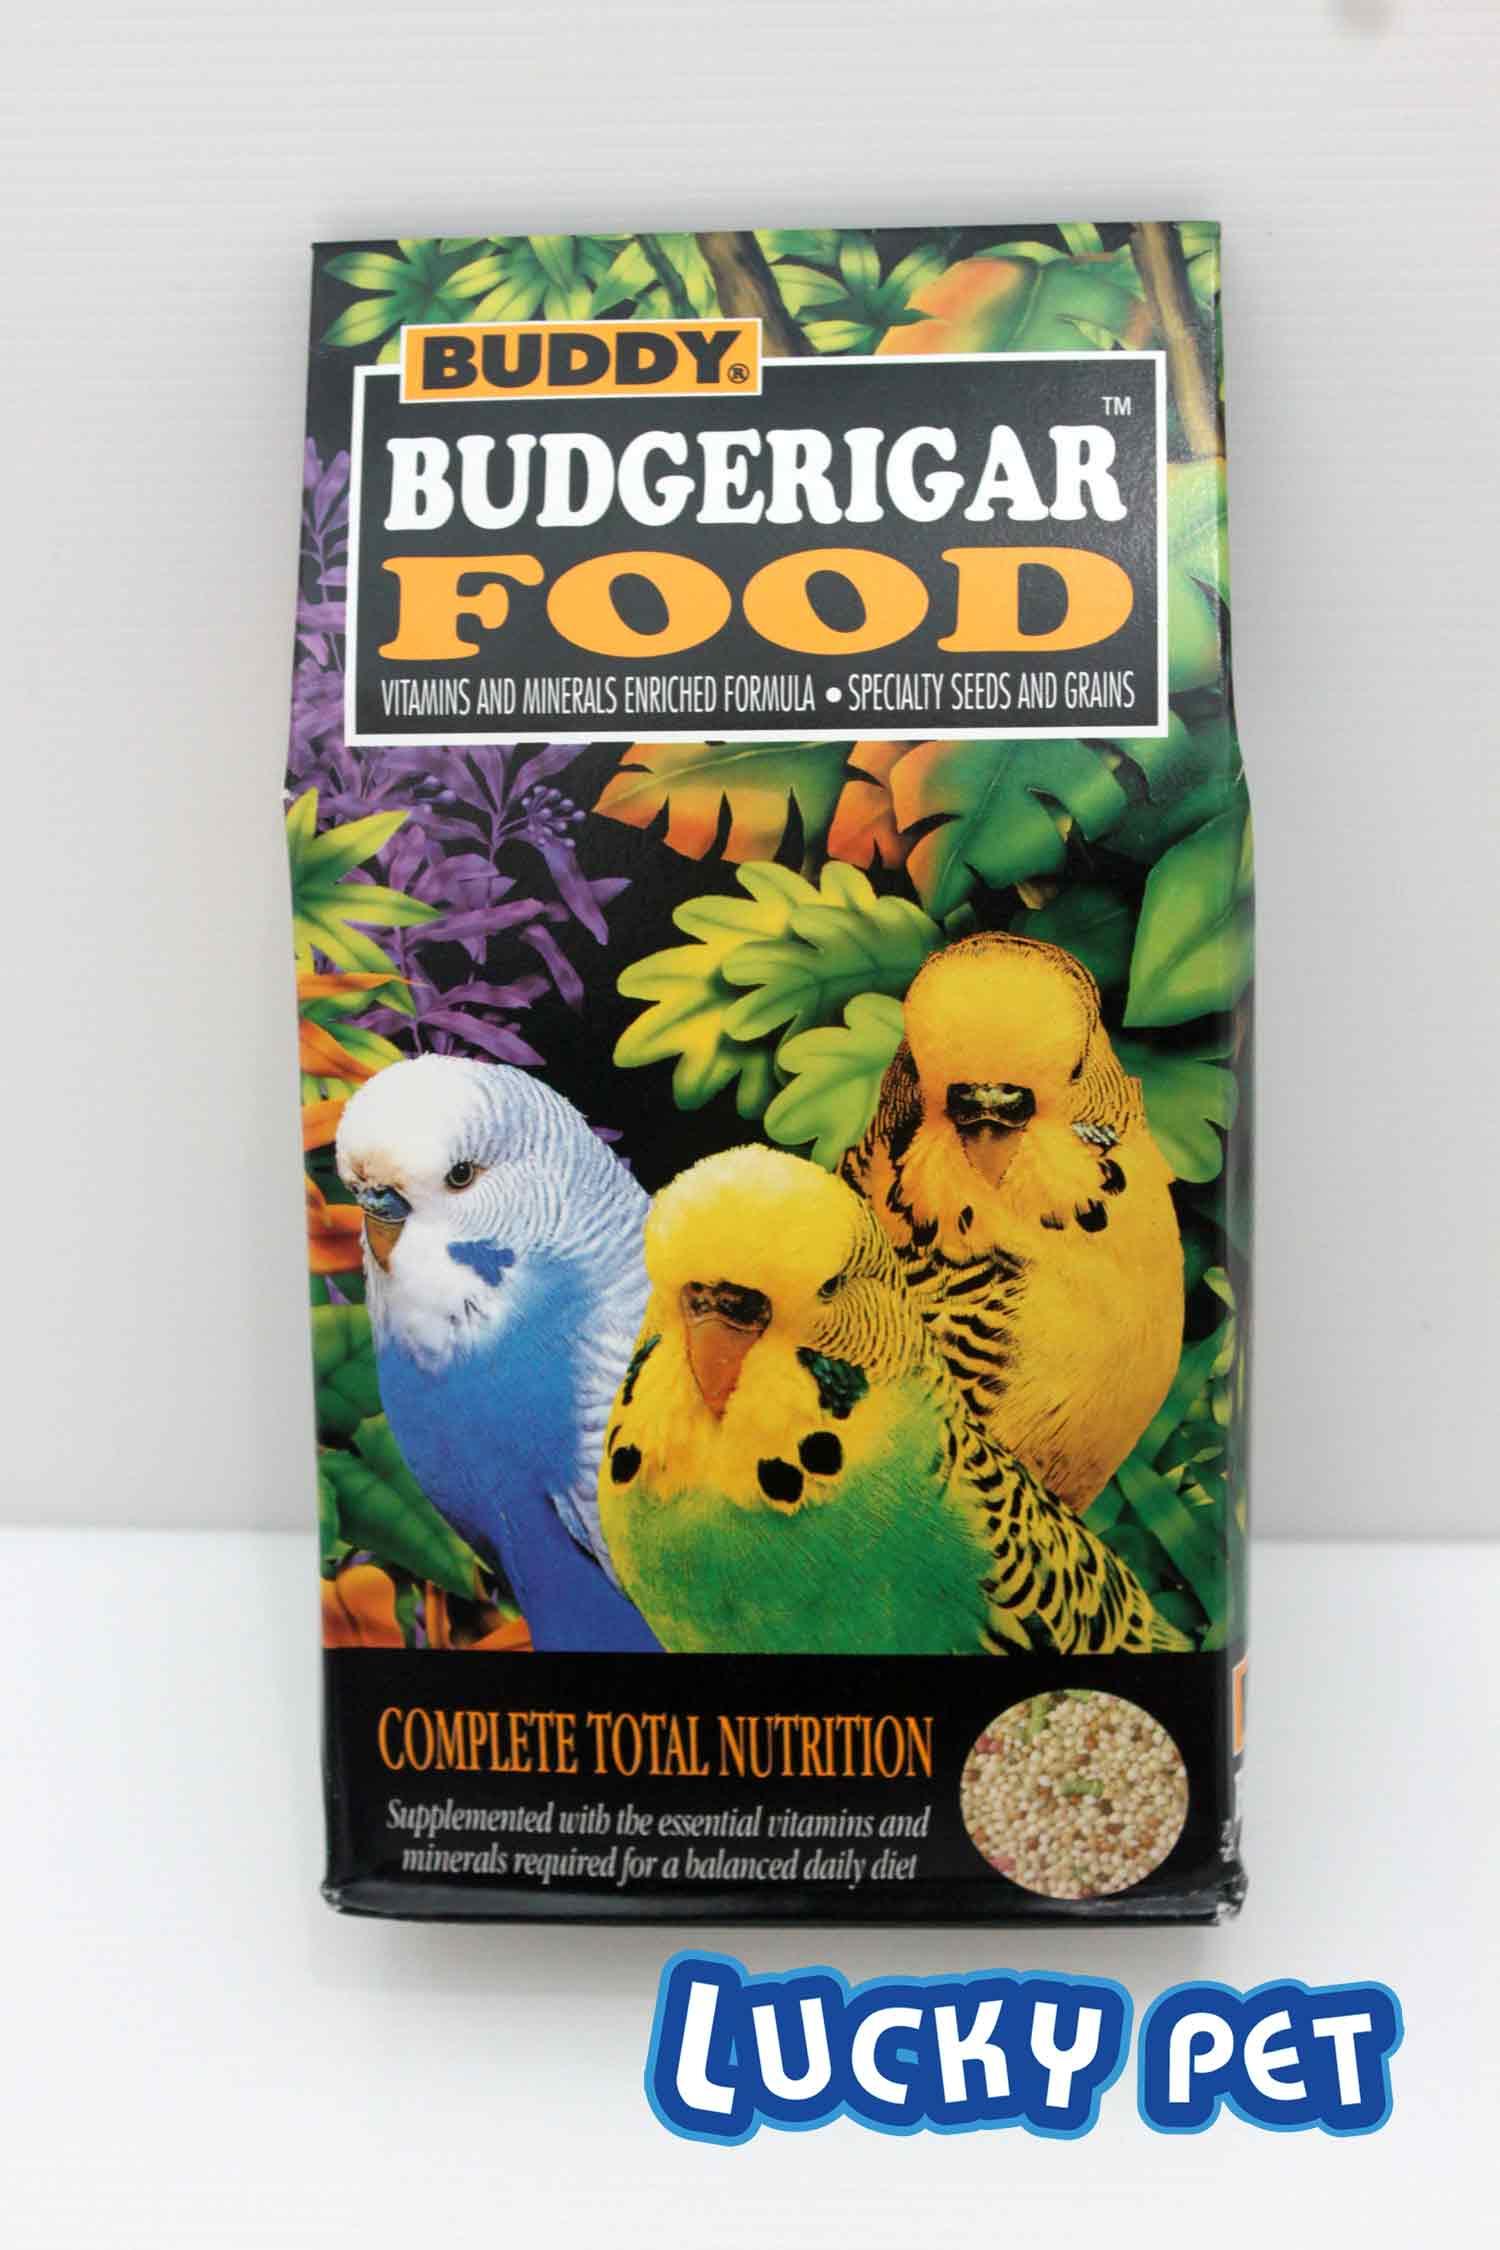 Buddy Budgerigar Food อาหารสำหรับ นกหงษ์หยก 1.5 ปอนด์พิเศษ!!!! สั่งซื้อ 1 โหล 700 บาท